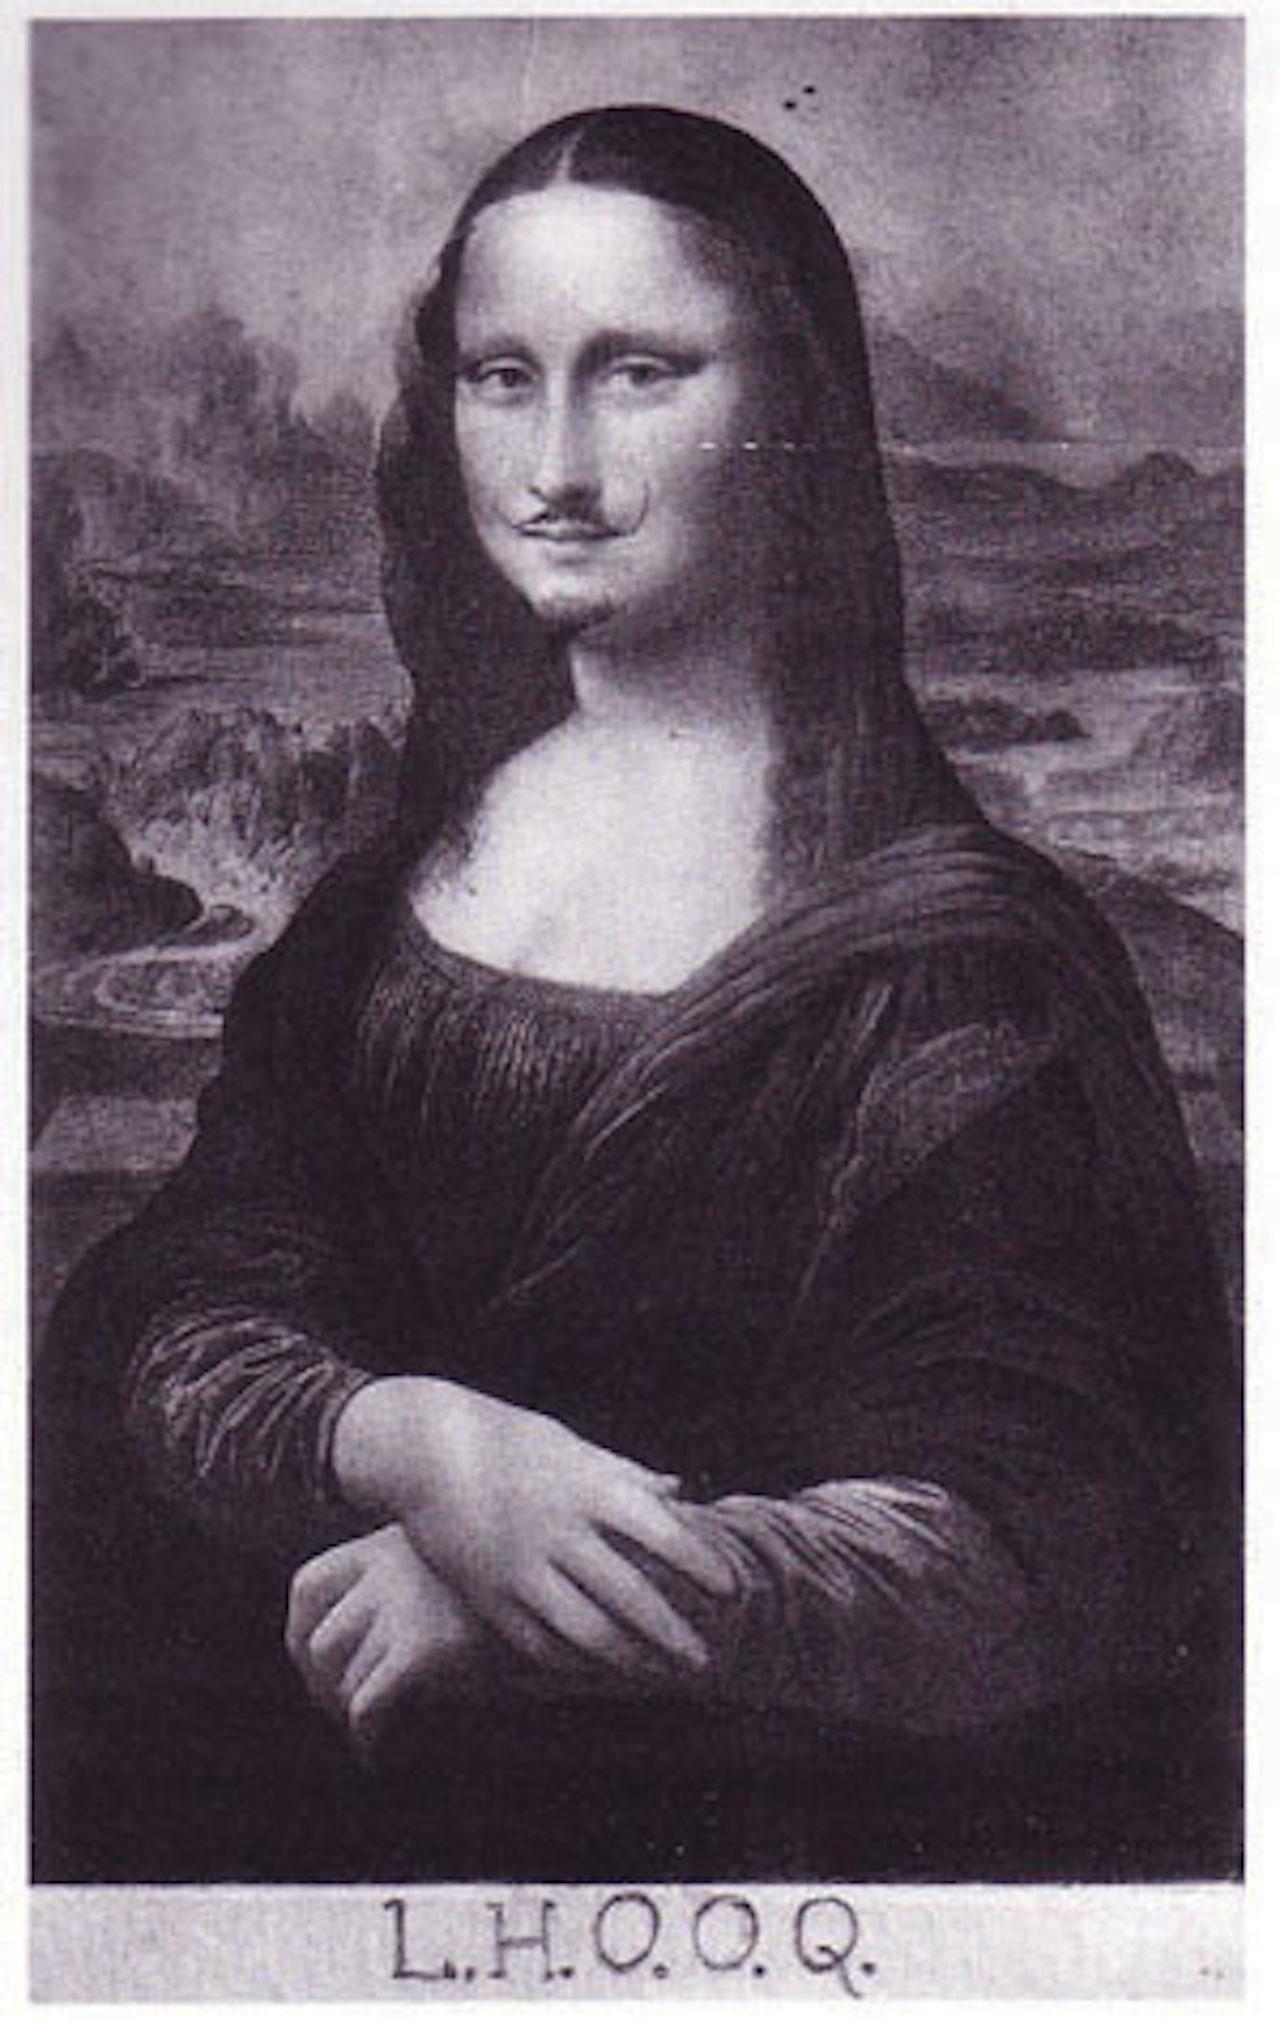 Marcel_Duchamp_Mona_Lisa_LHOOQ (1)